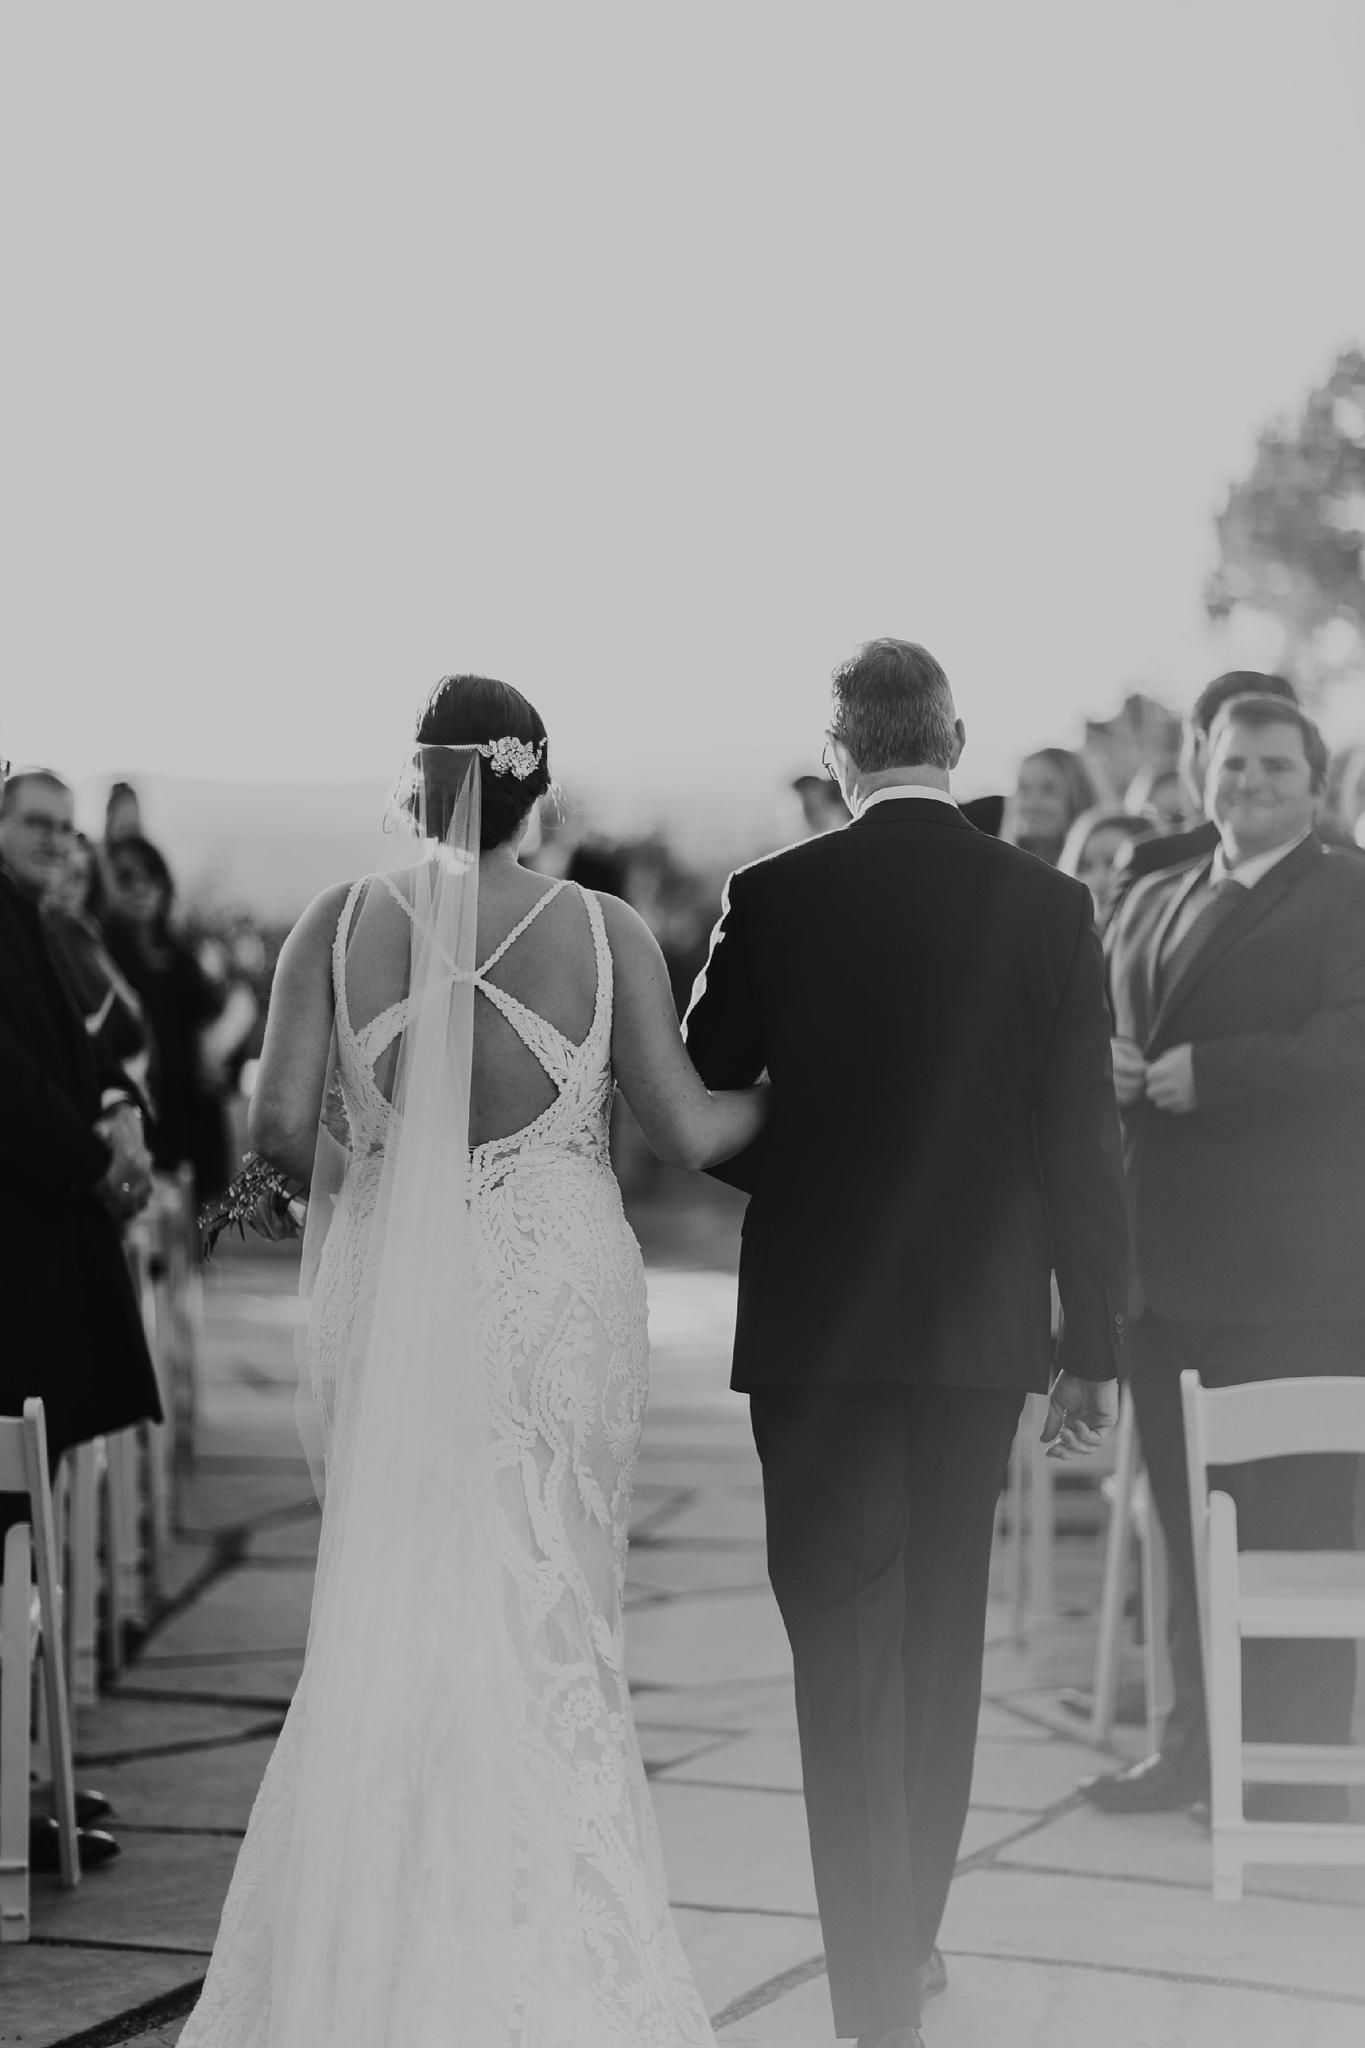 Alicia+lucia+photography+-+albuquerque+wedding+photographer+-+santa+fe+wedding+photography+-+new+mexico+wedding+photographer+-+new+mexico+wedding+-+santa+fe+wedding+-+four+seasons+wedding+-+winter+wedding_0052.jpg